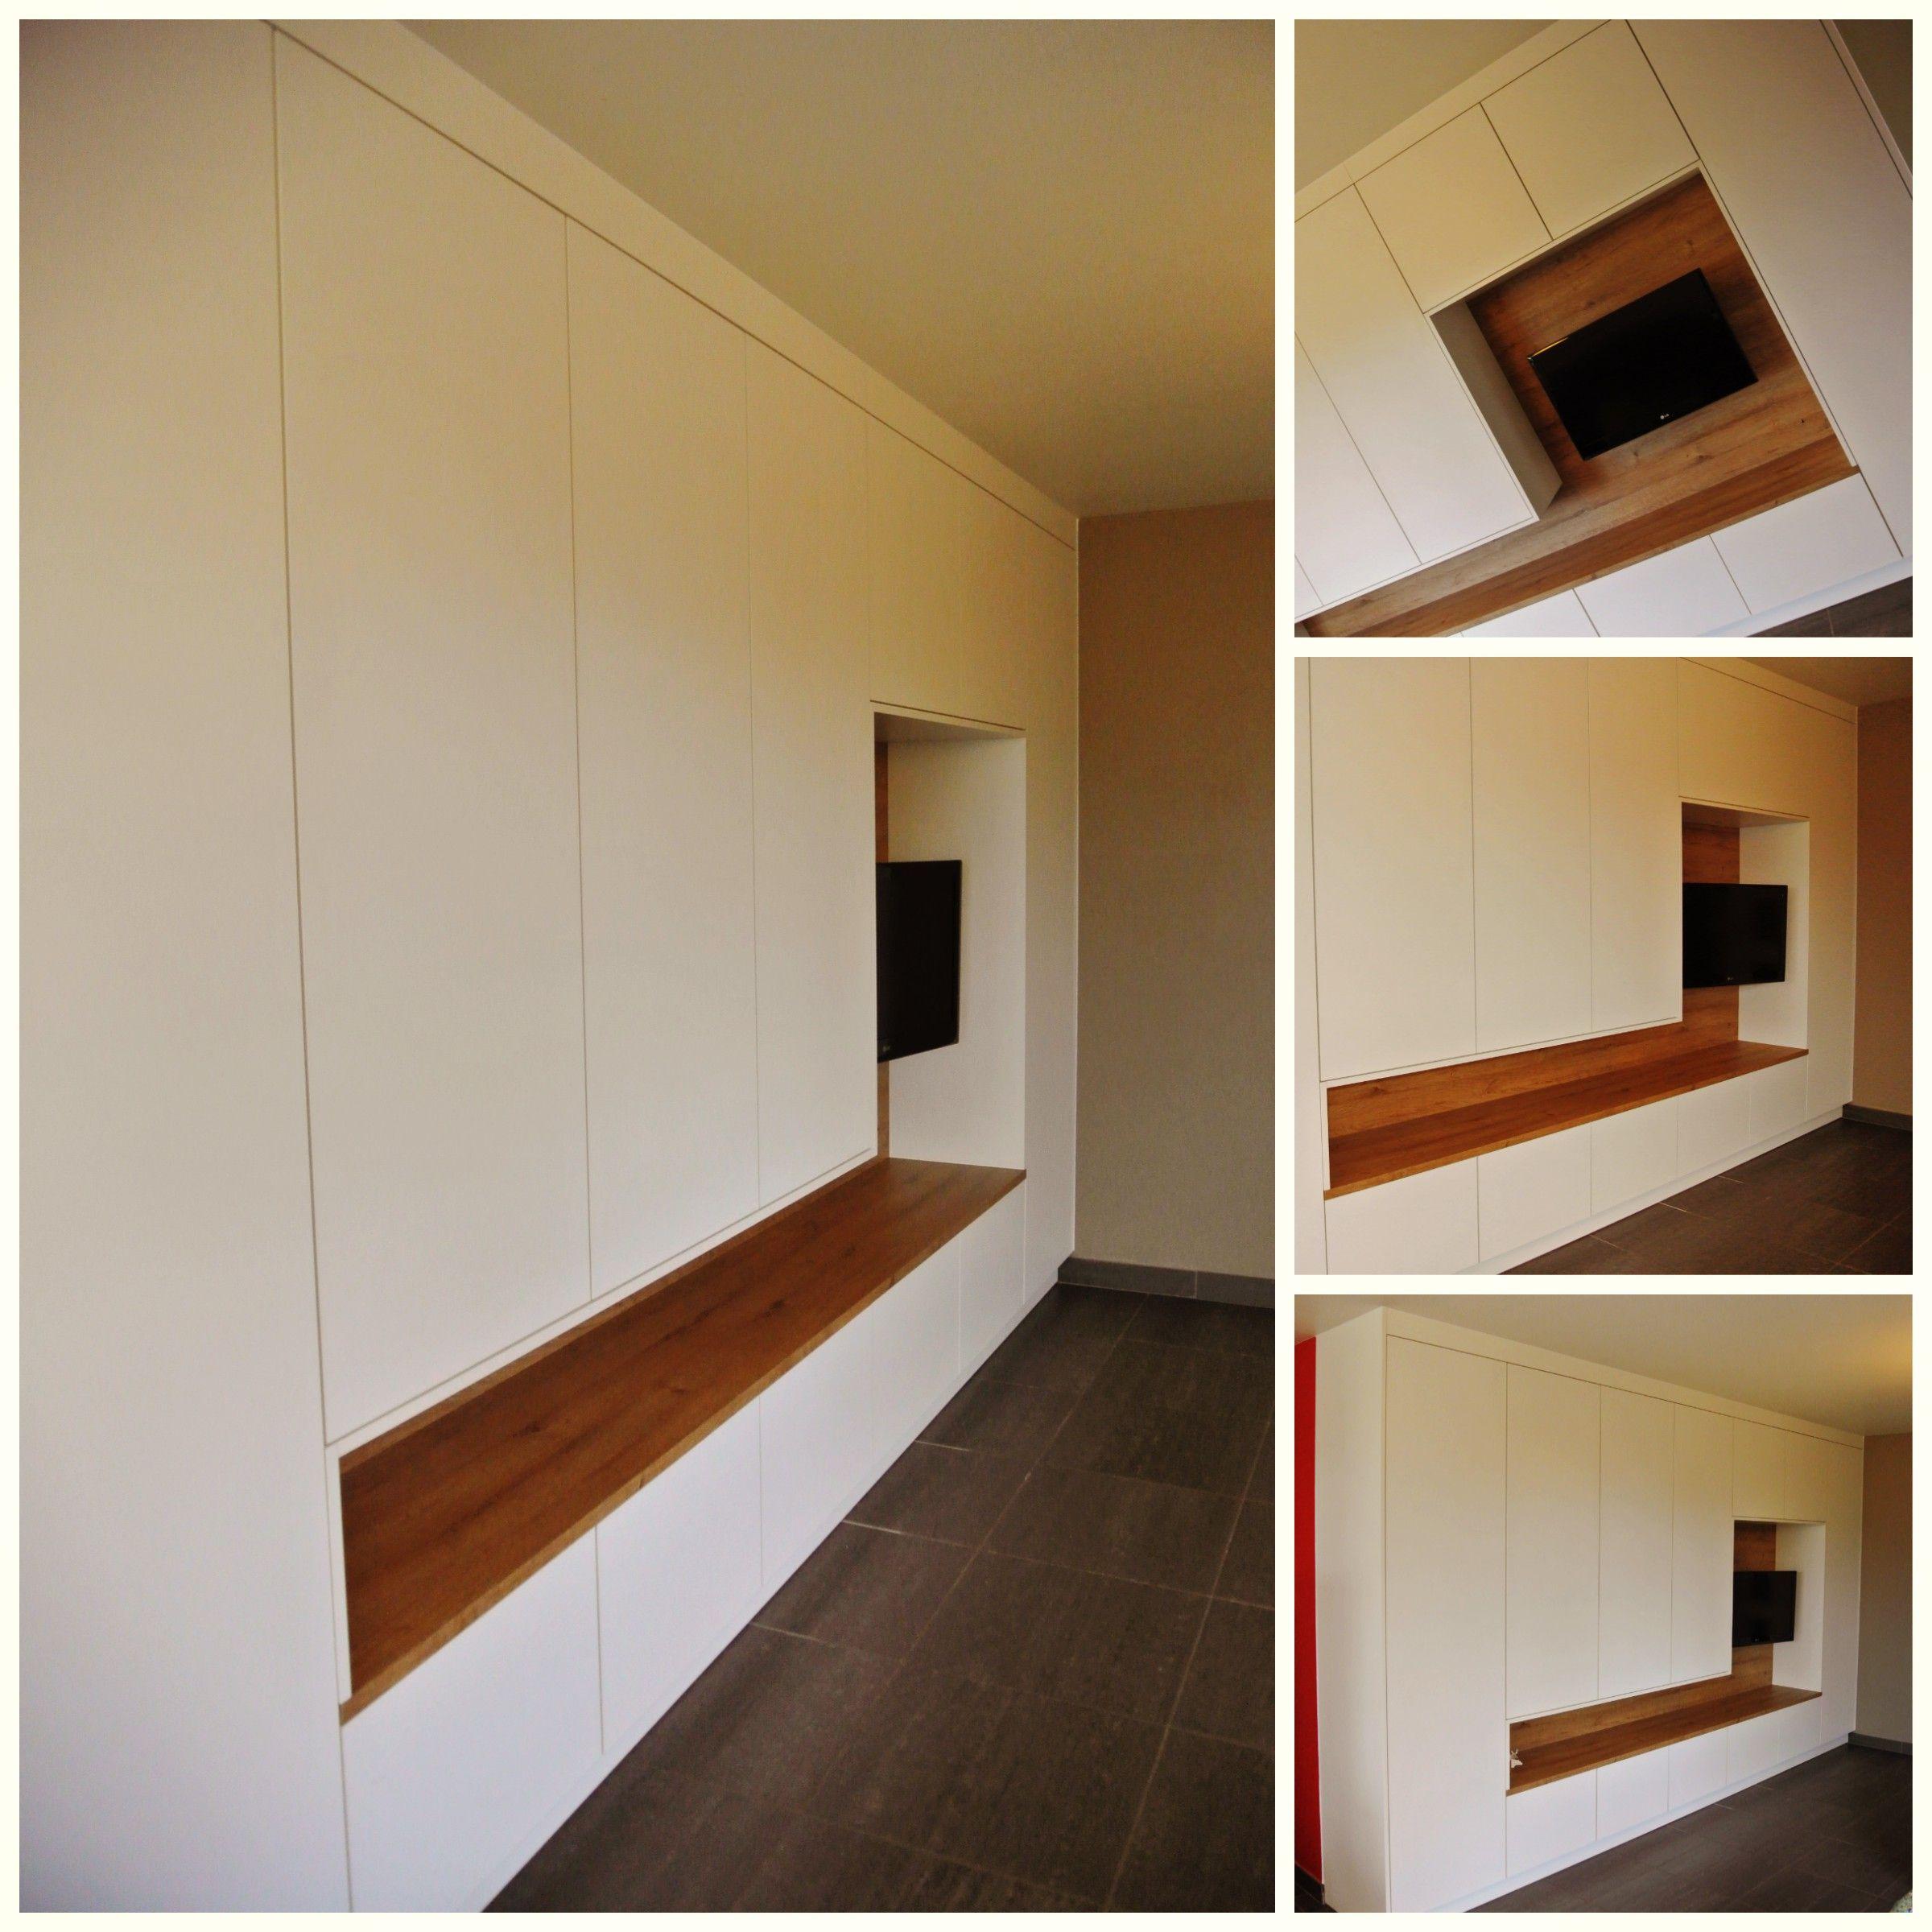 Inbouwkast tv open schappen afwerken met hout mdf nieuwe huis pinterest tv schappen en hout - Kabinet zolderkamer ...